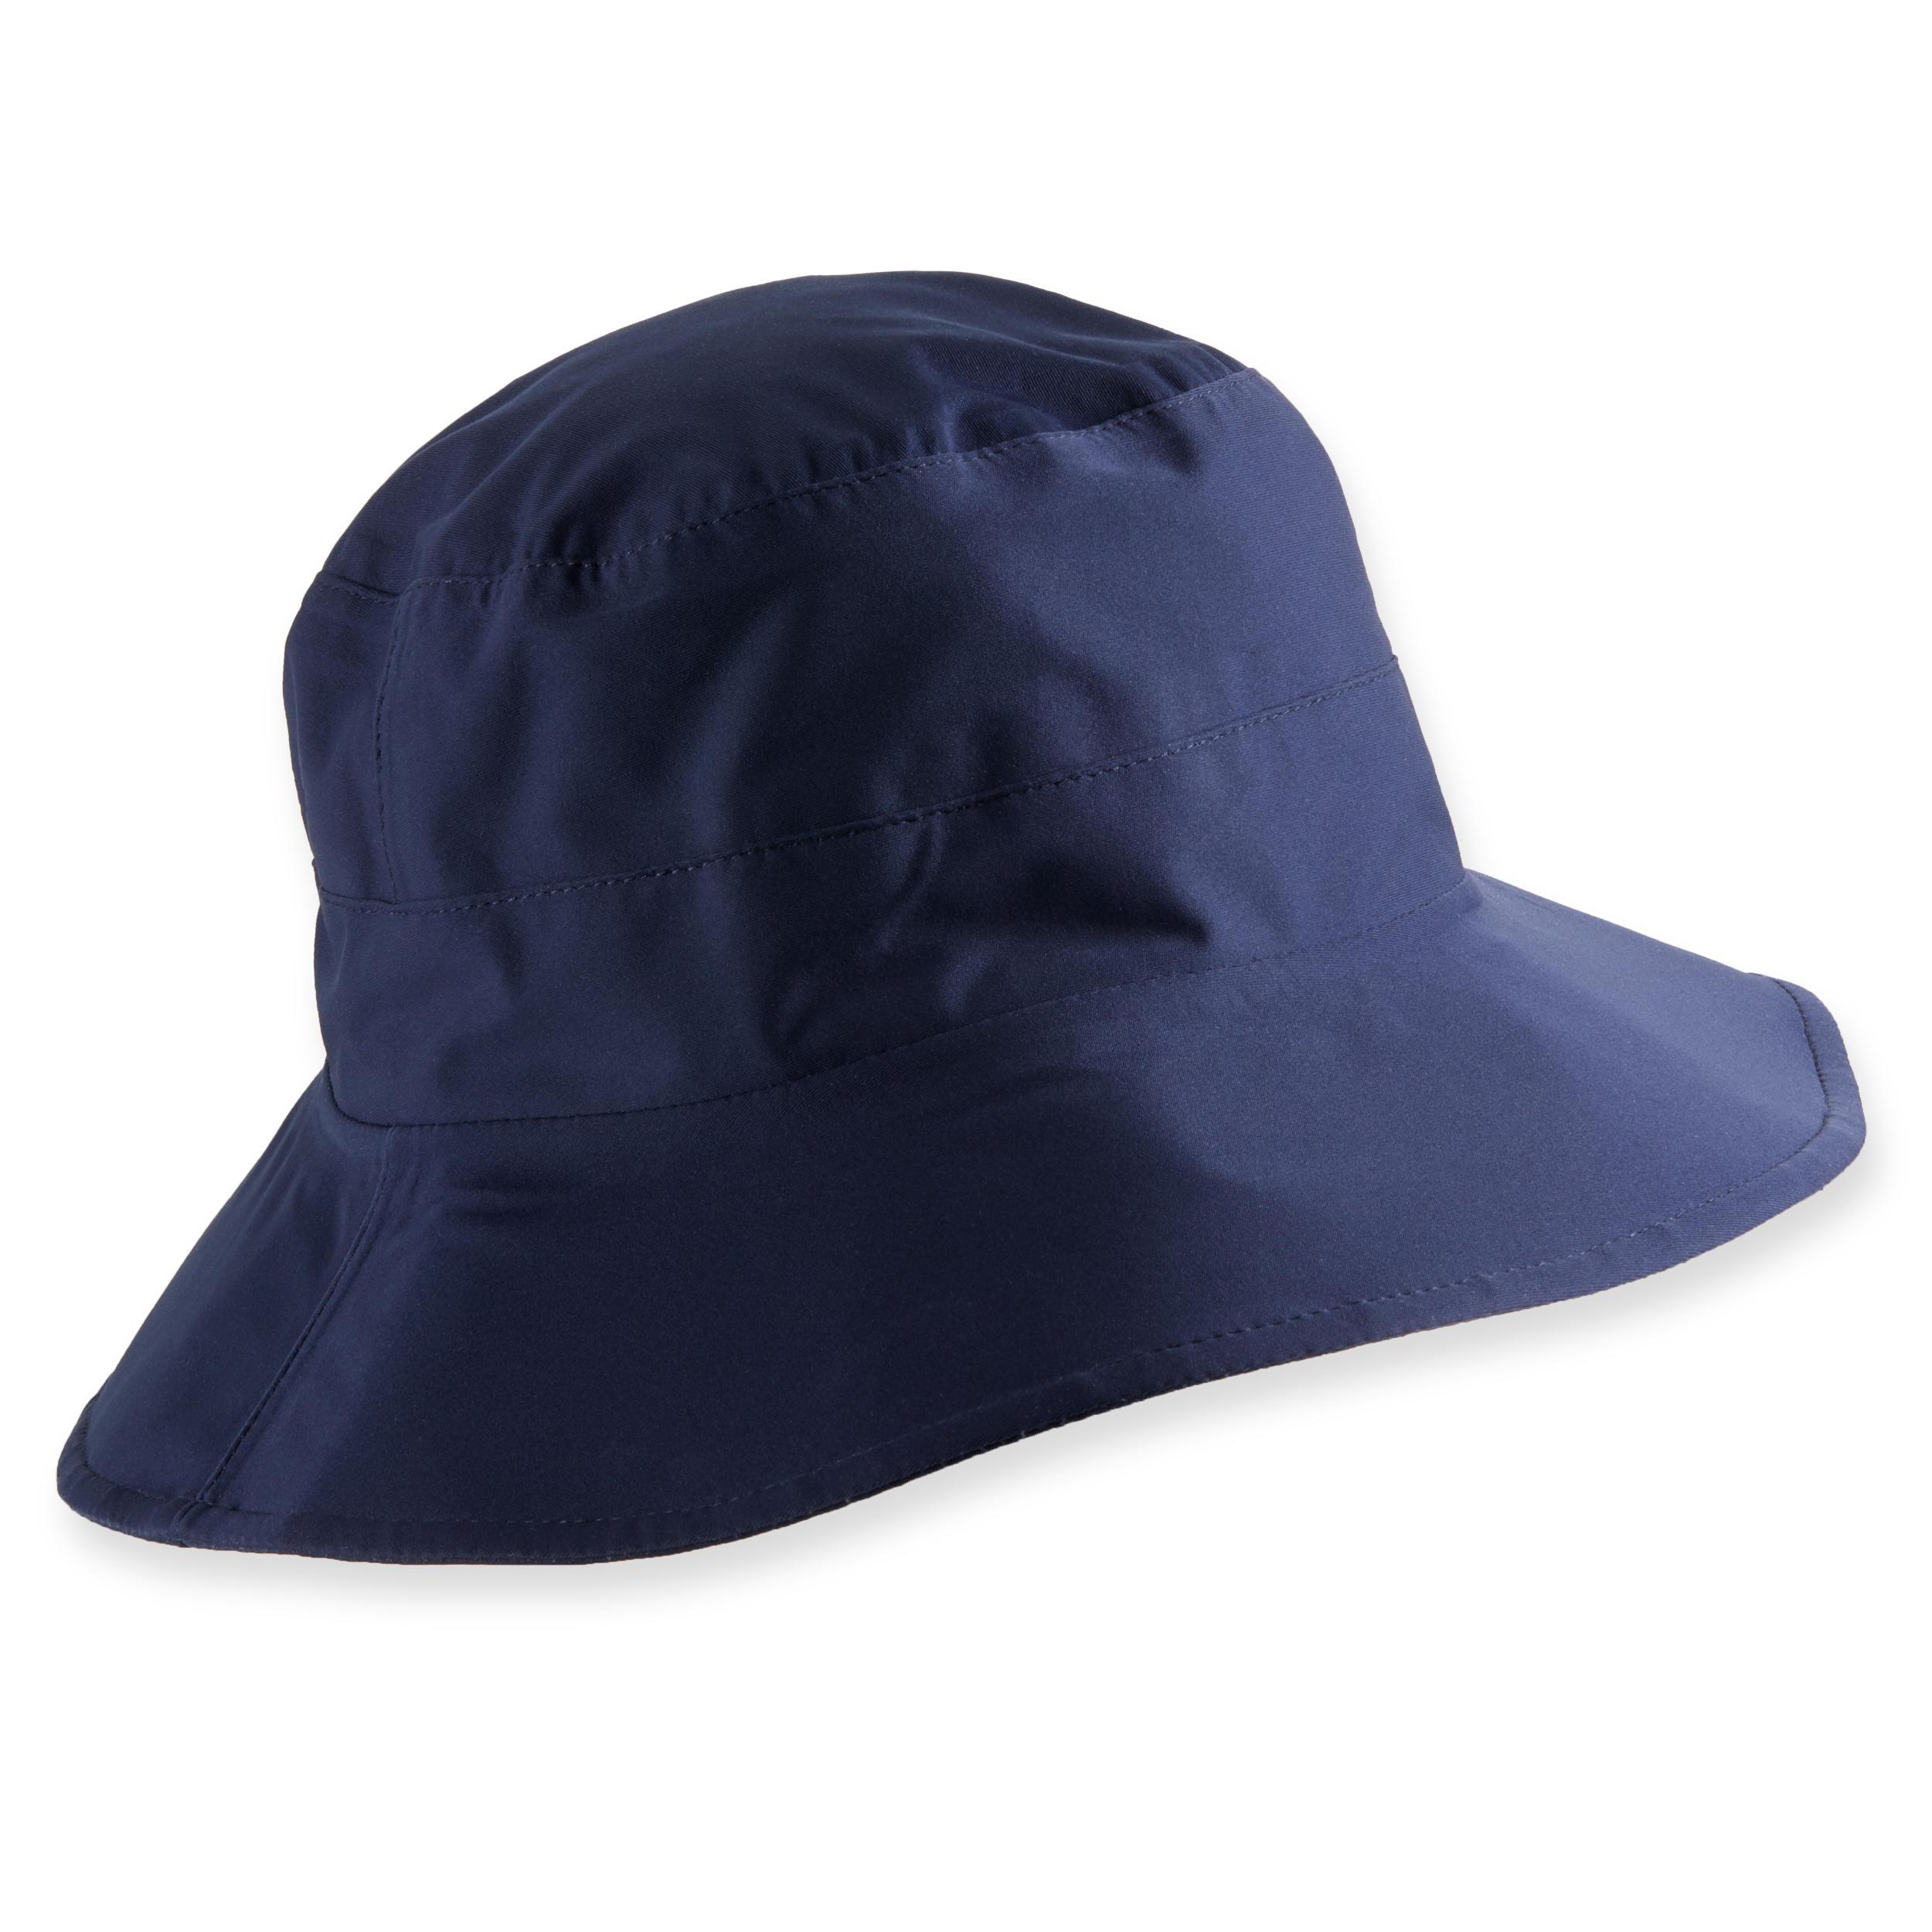 Pălărie Ploaie Golf Damă imagine produs